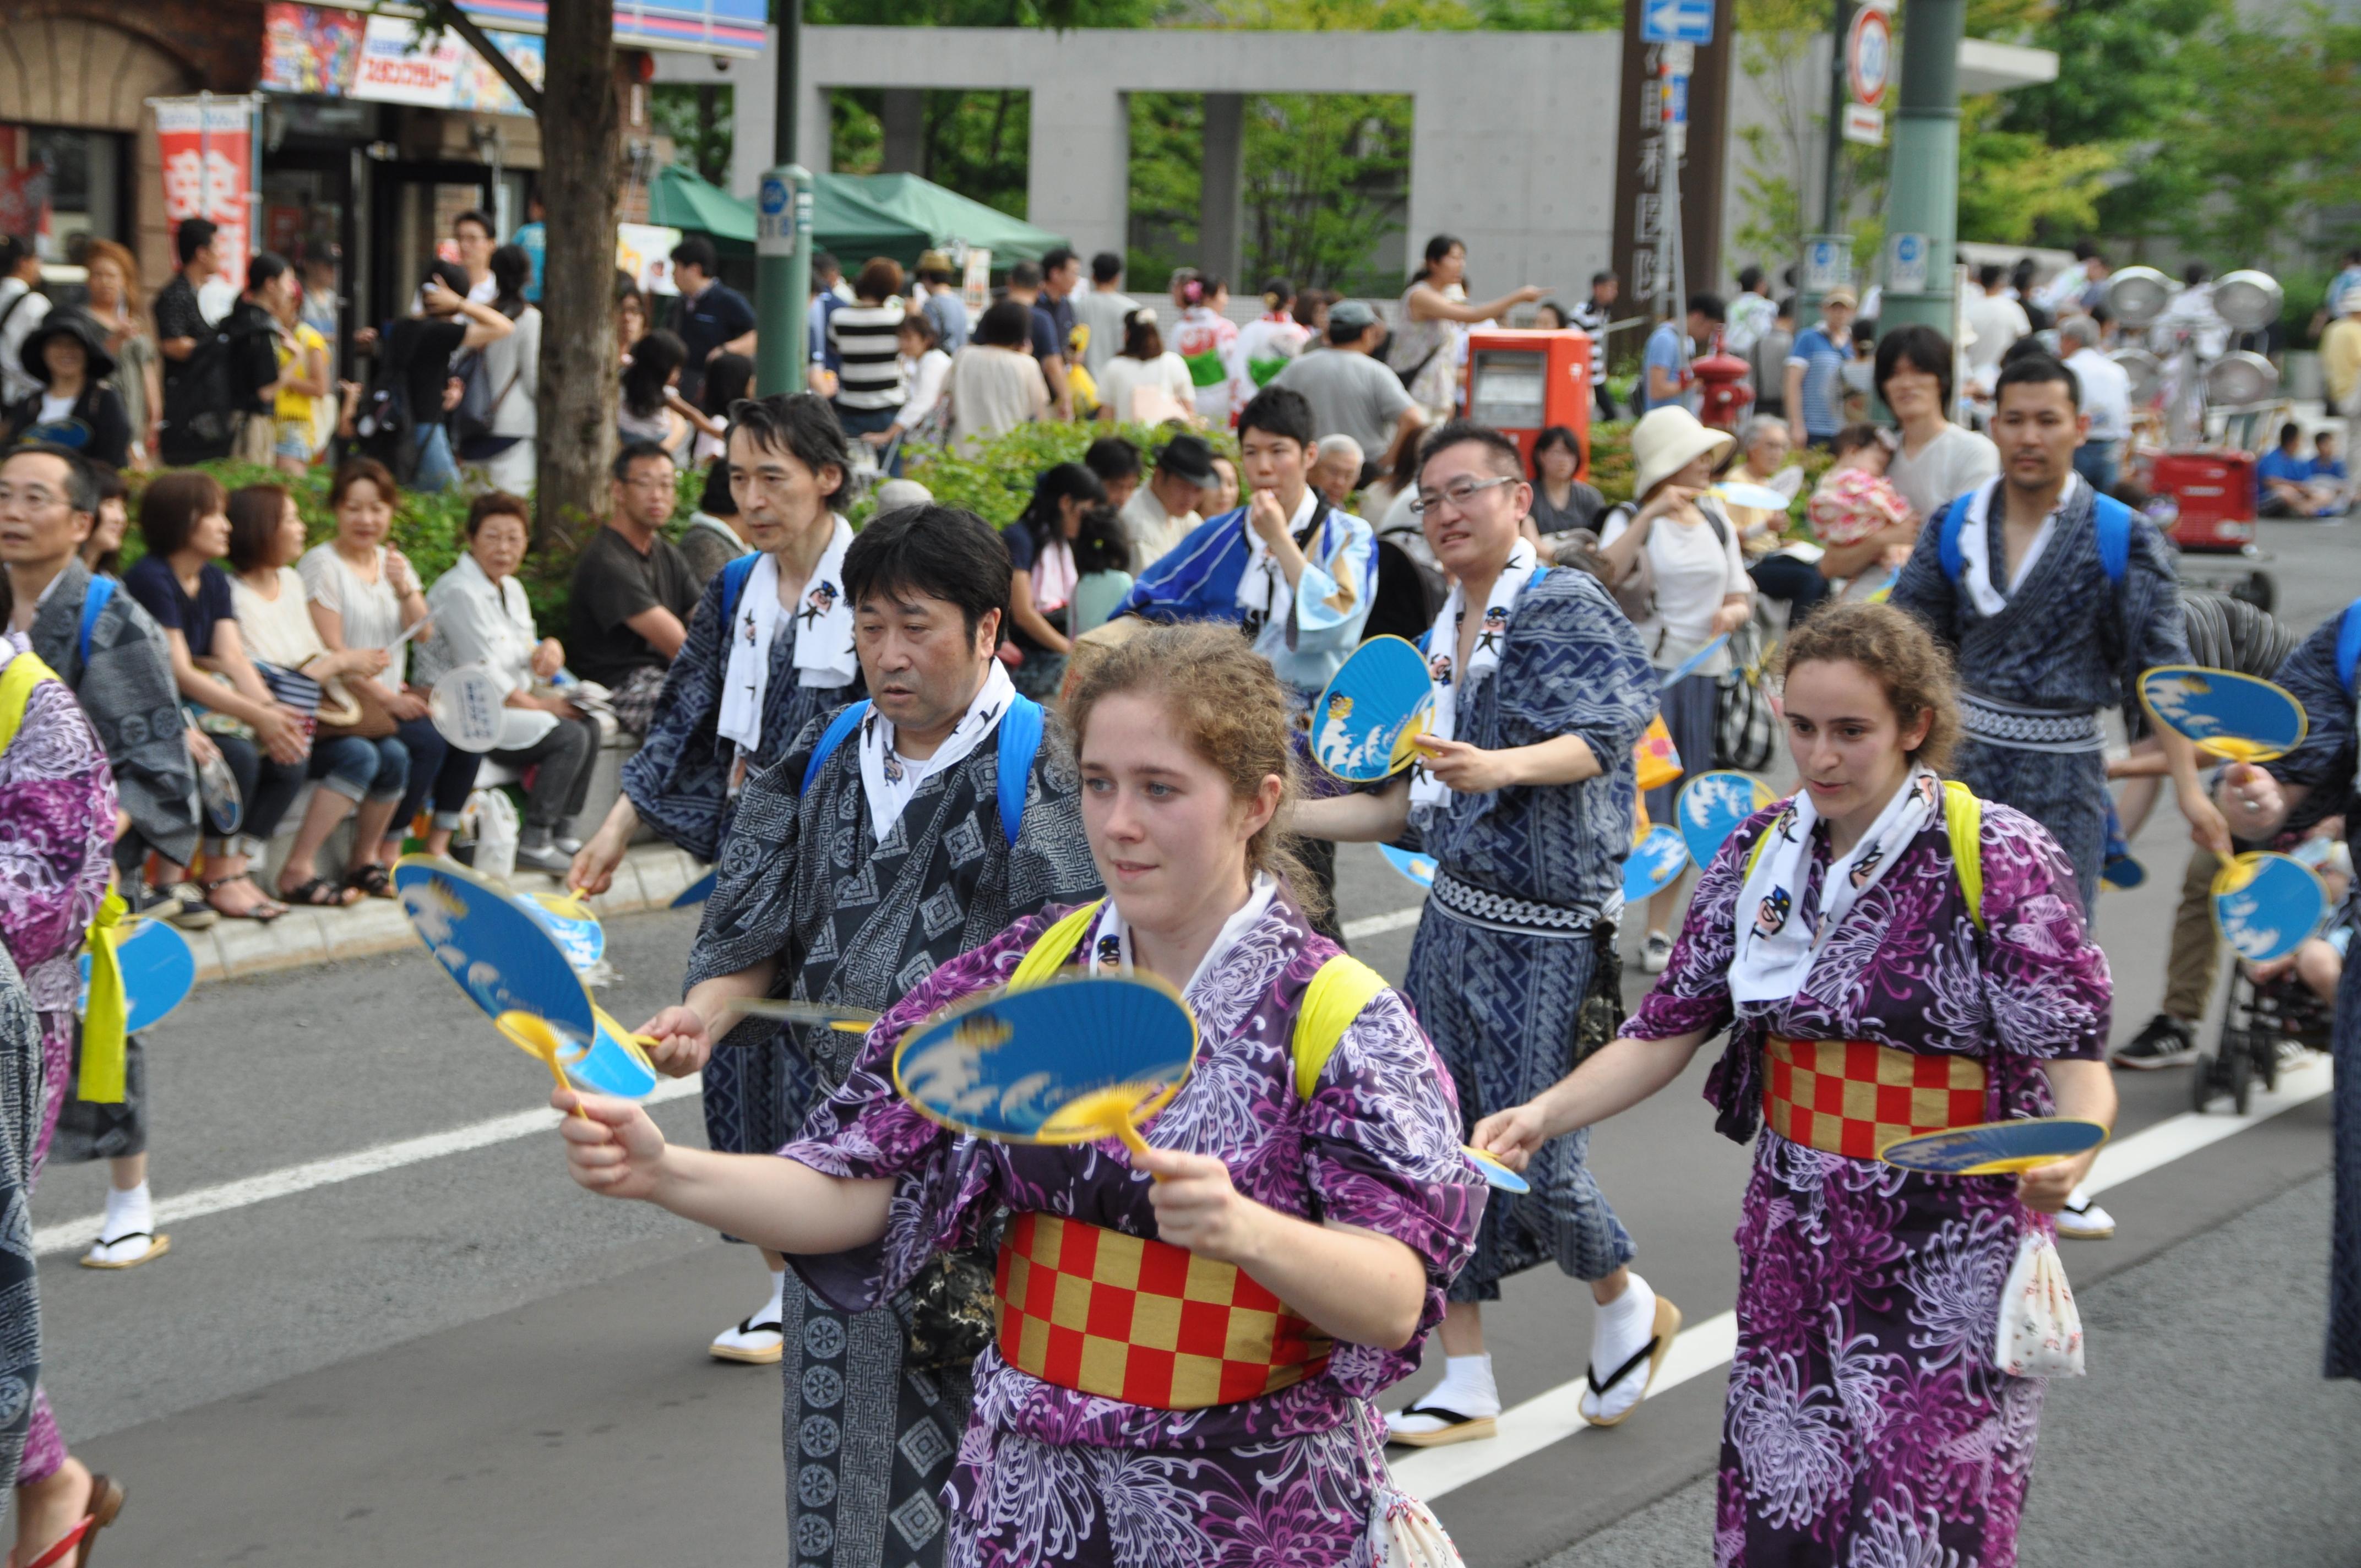 20170708ushiofestival02.JPG